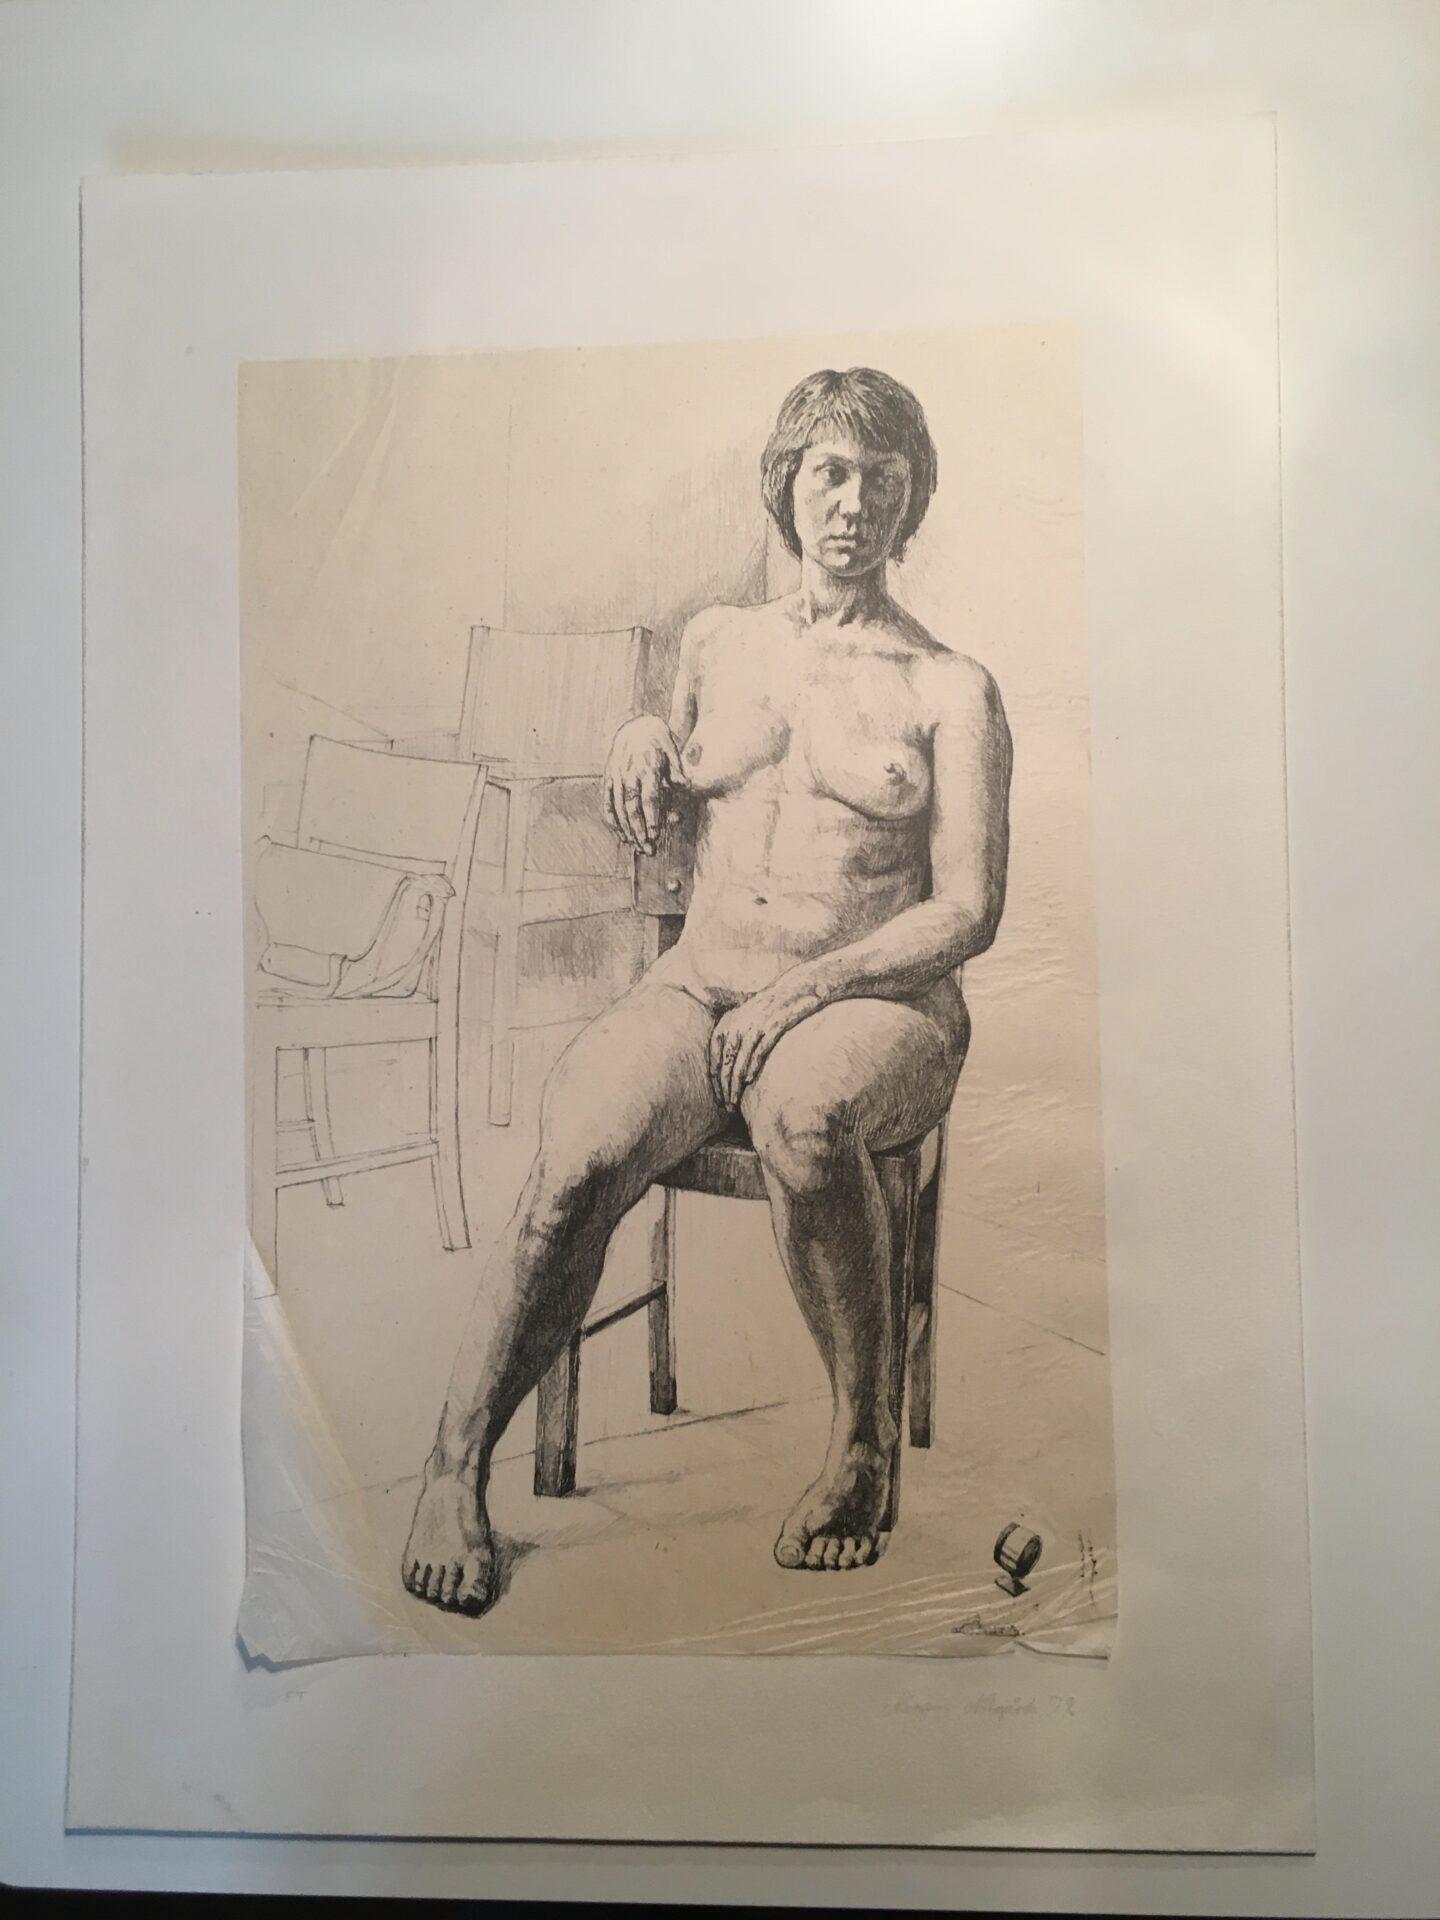 Tryk på japanerpapir, signeret Mogens Nørgård, 72, E.T. uindrammet, 33x50 cm, pris 1000 kr